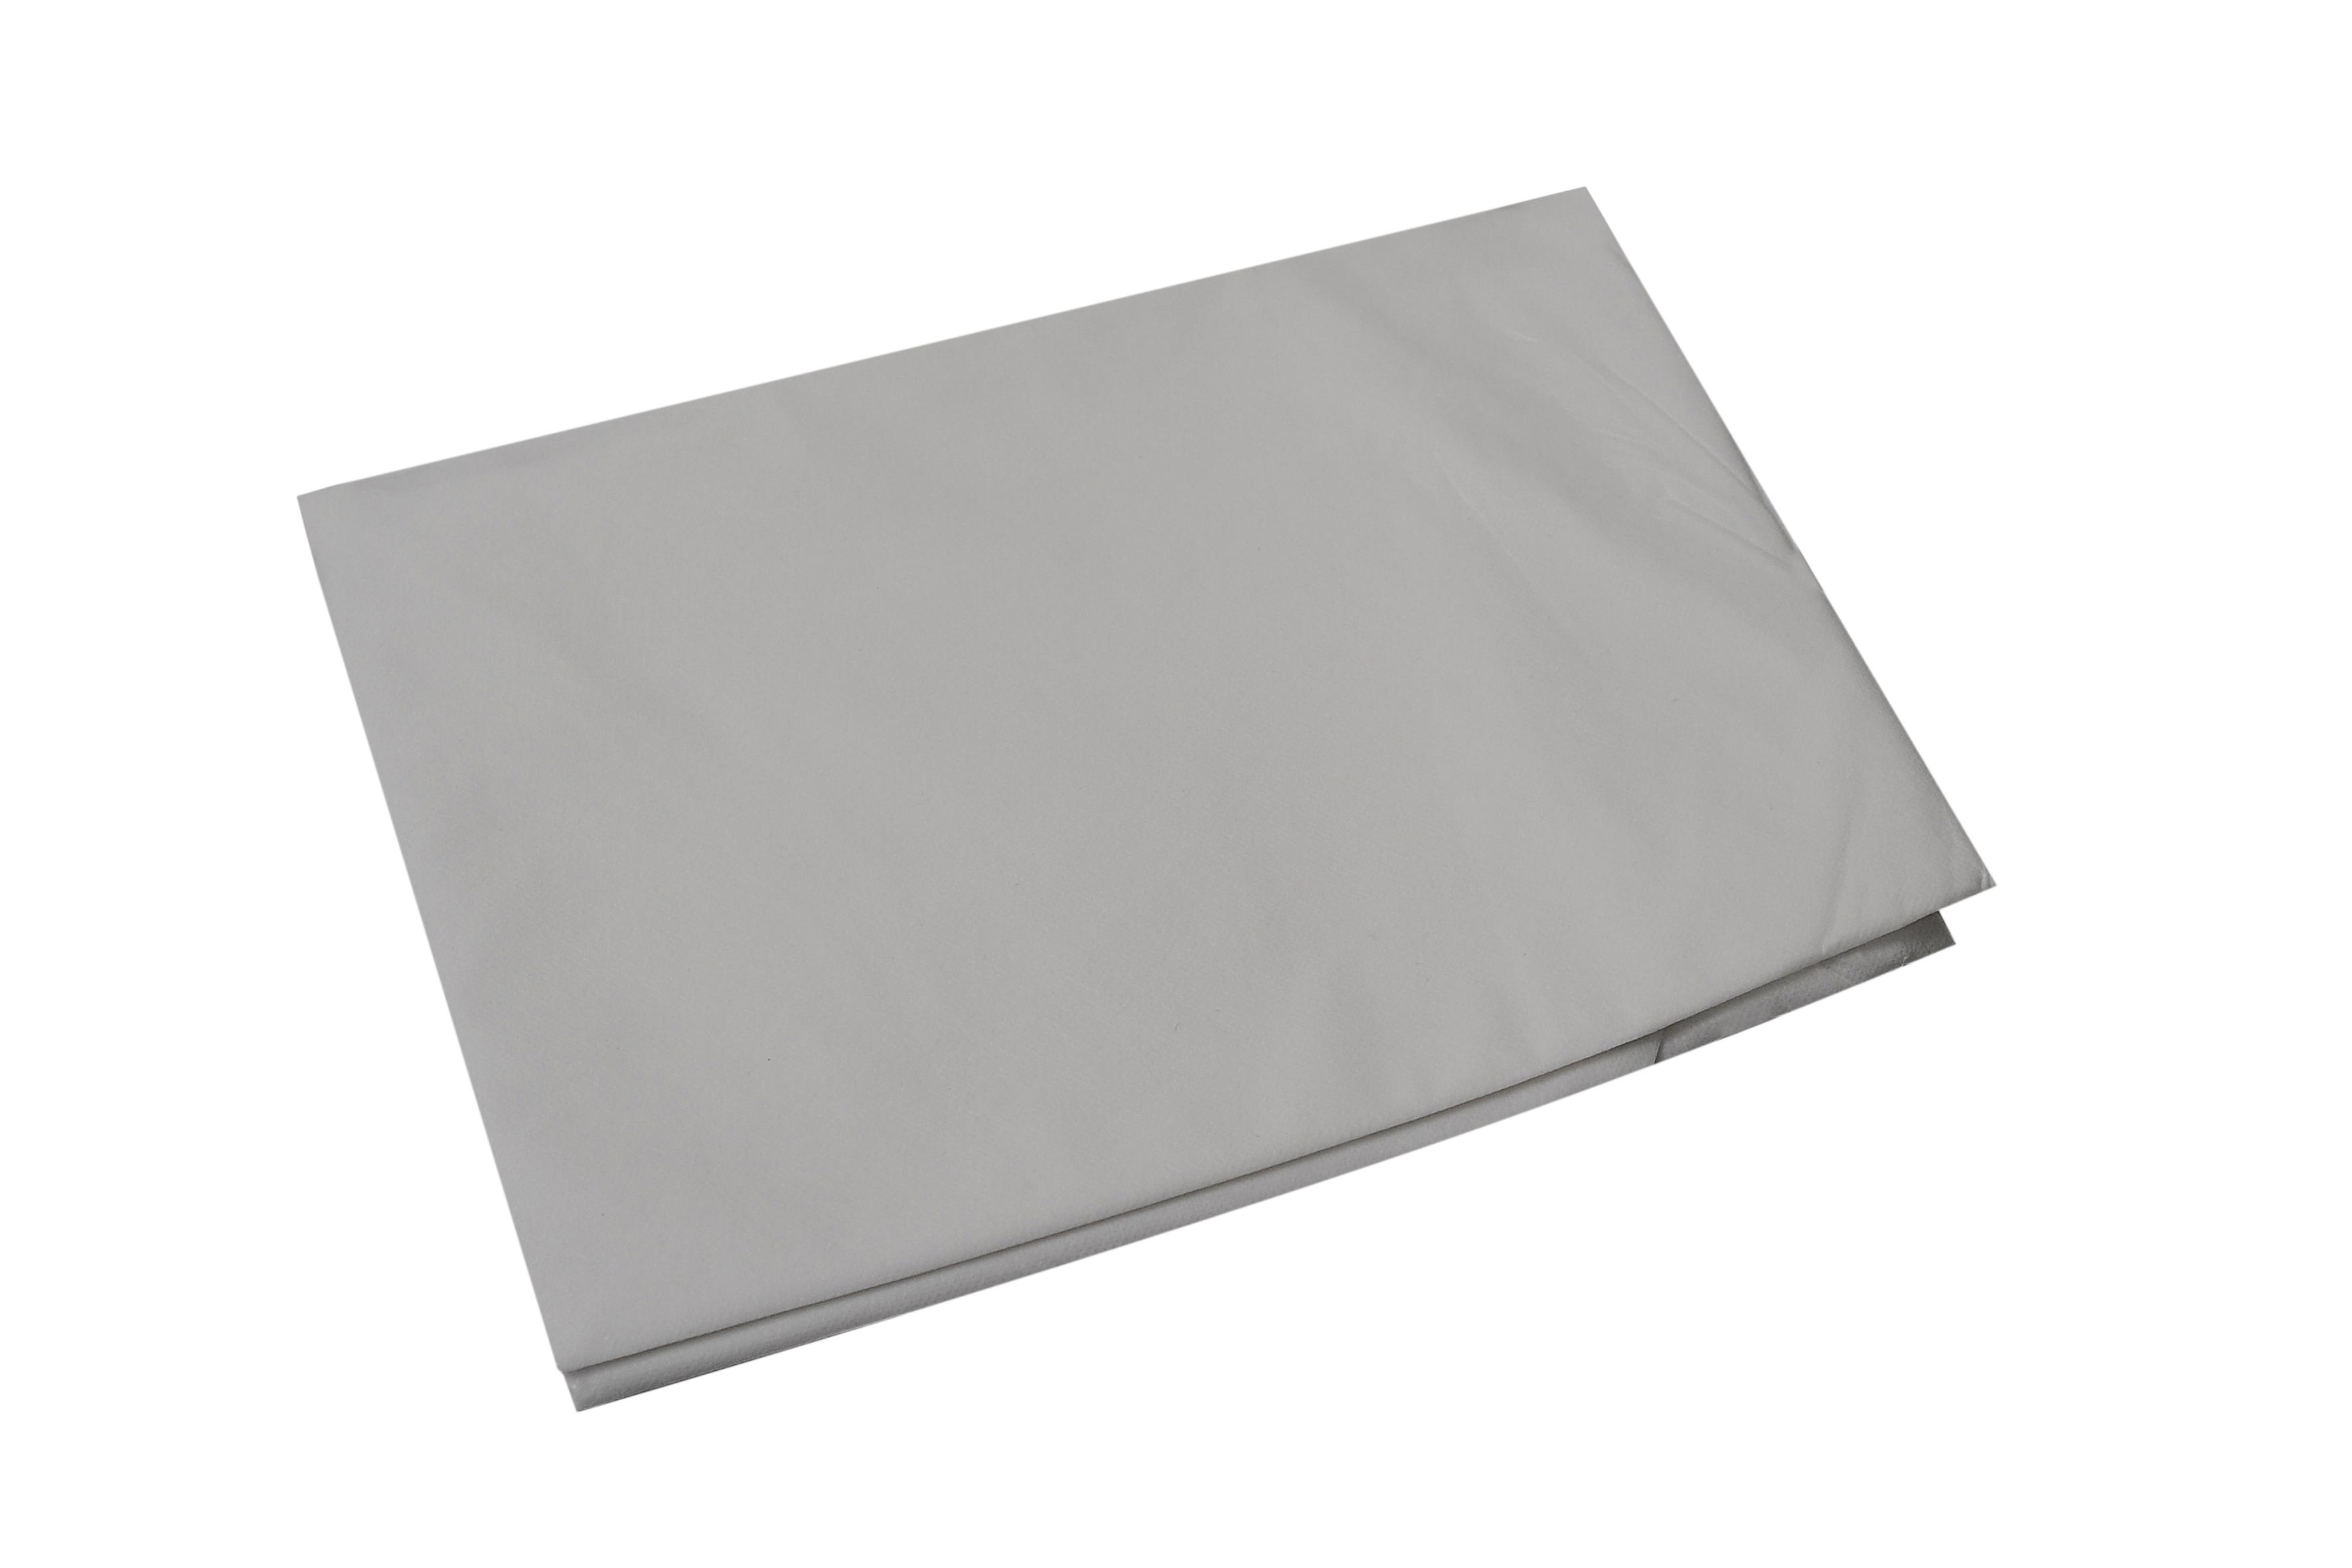 Einmallaken, weiß, 200 x 100 cm